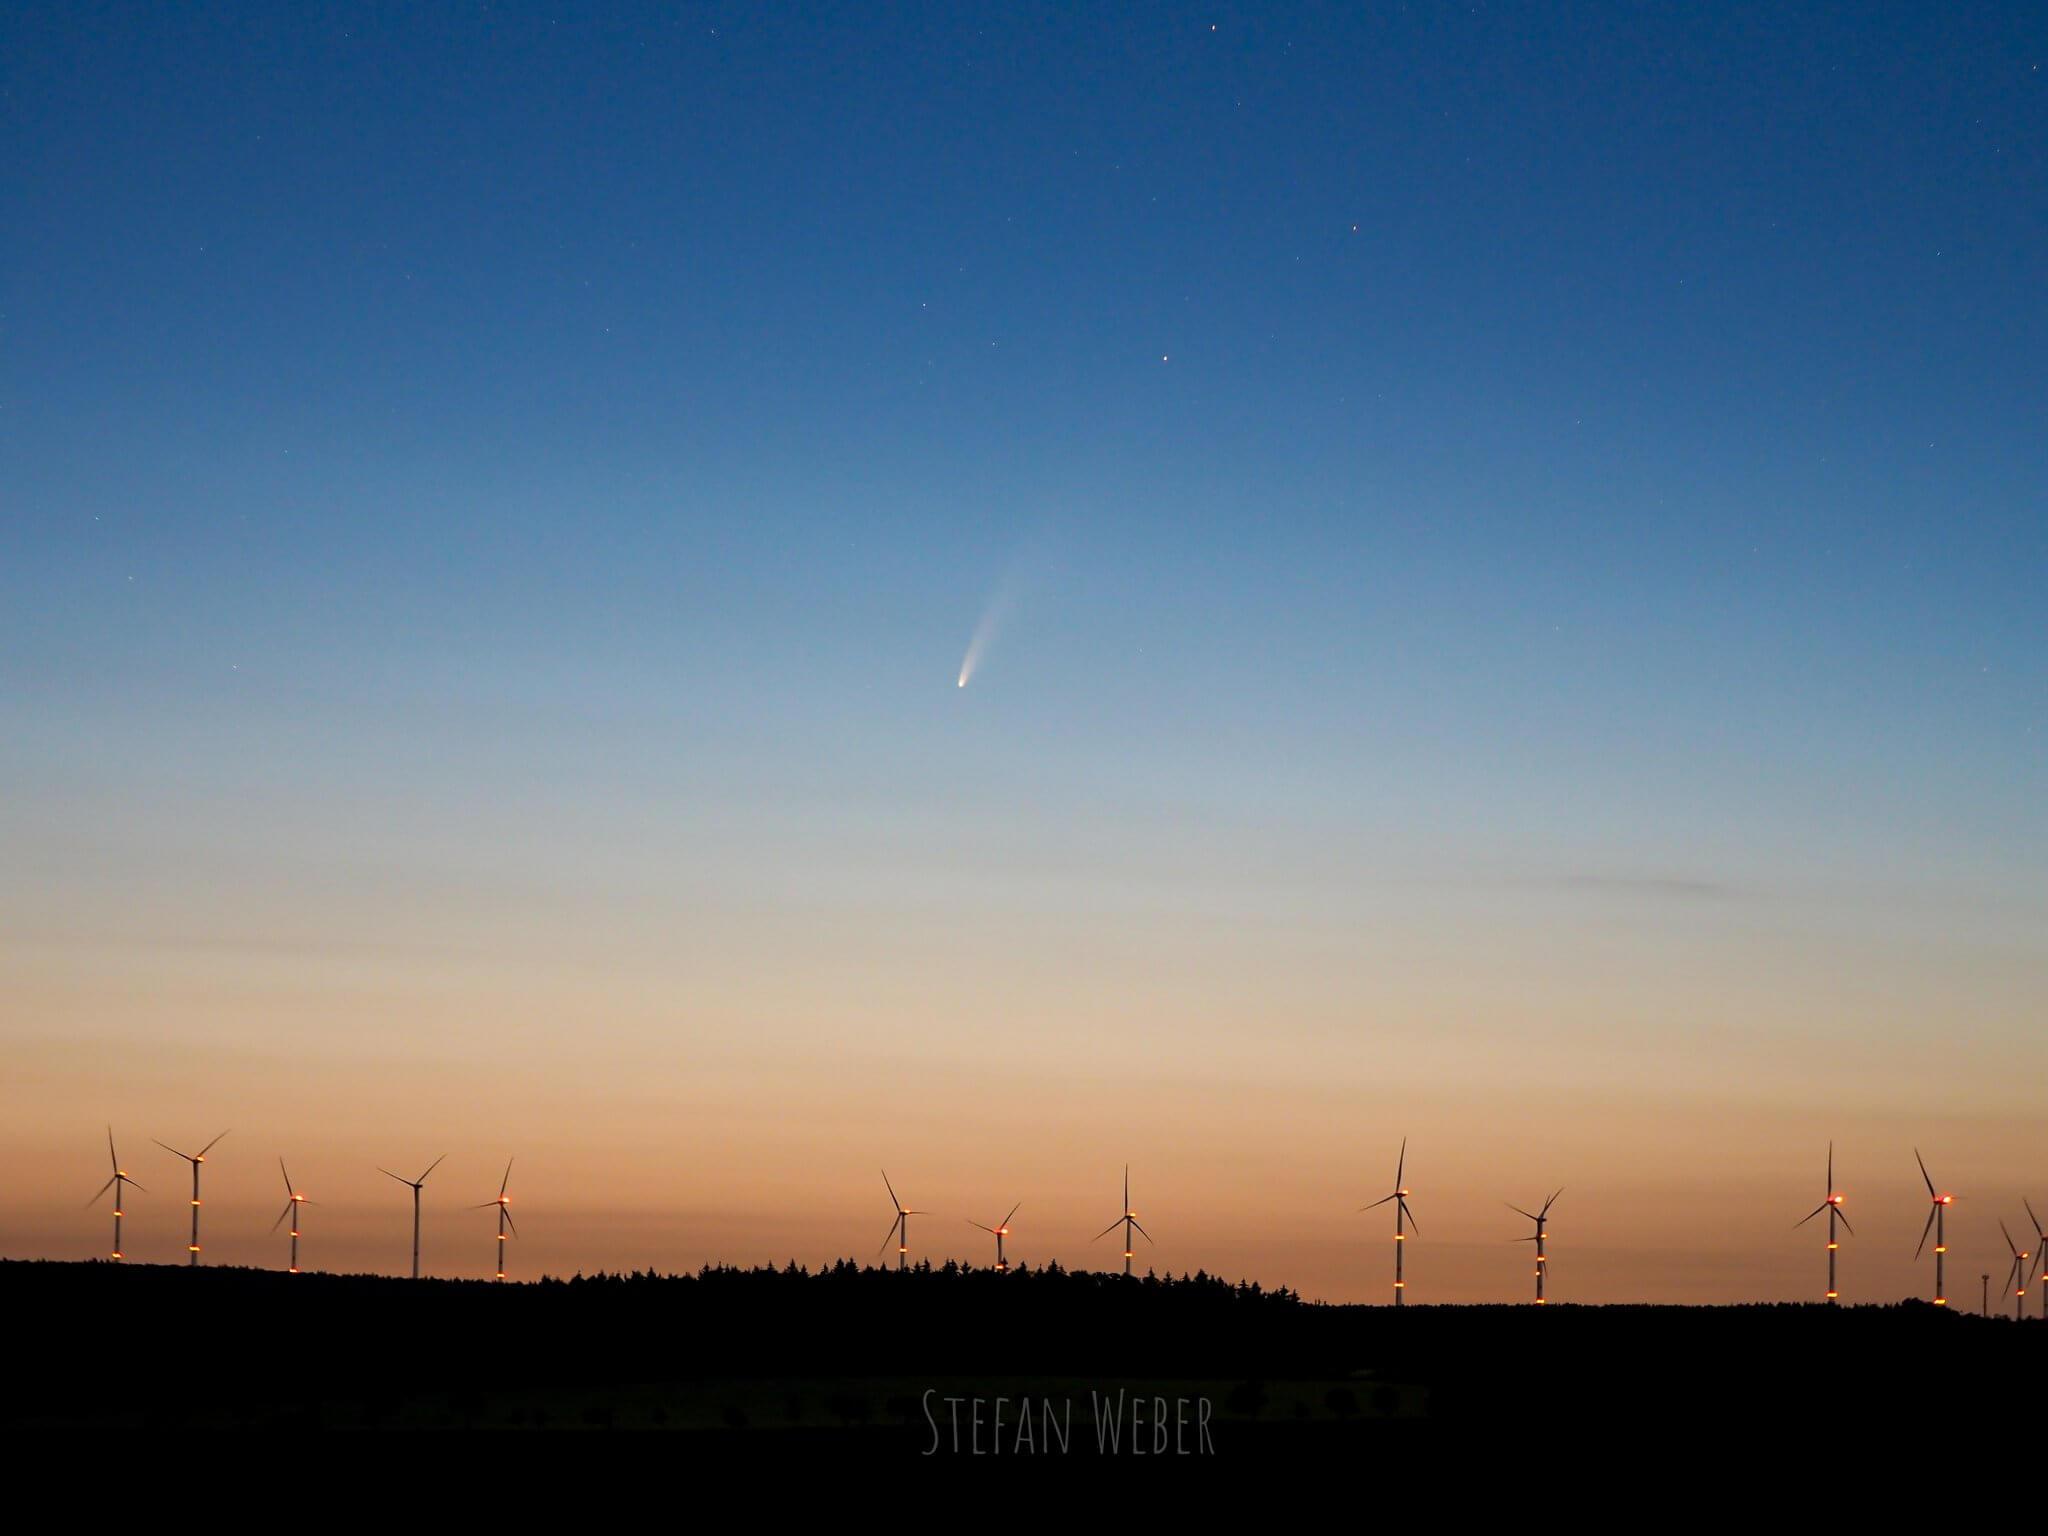 Komet am Nachthimmel zu sehen